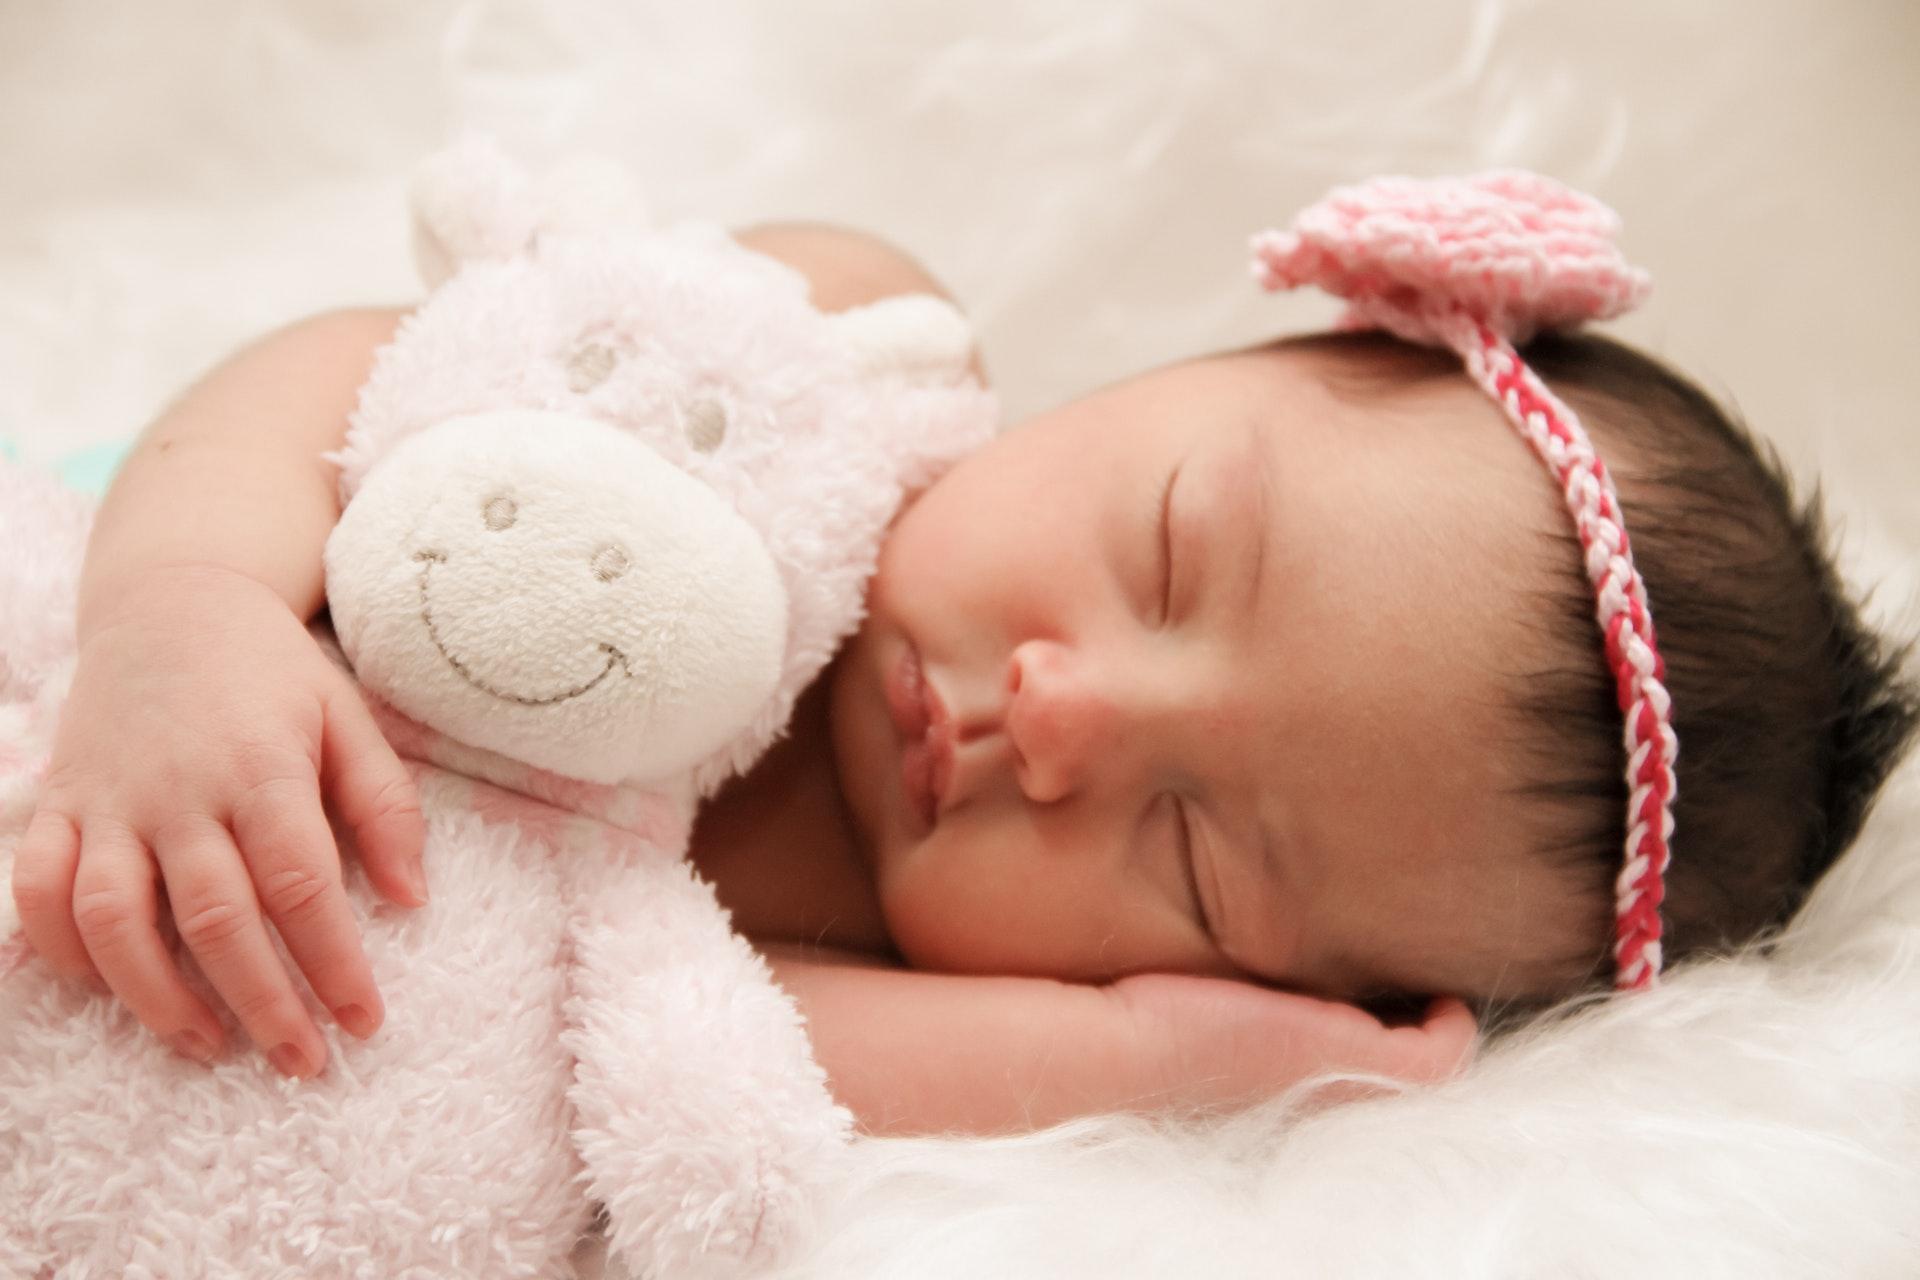 Hoe zorg ik ervoor dat mijn baby goed slaapt?